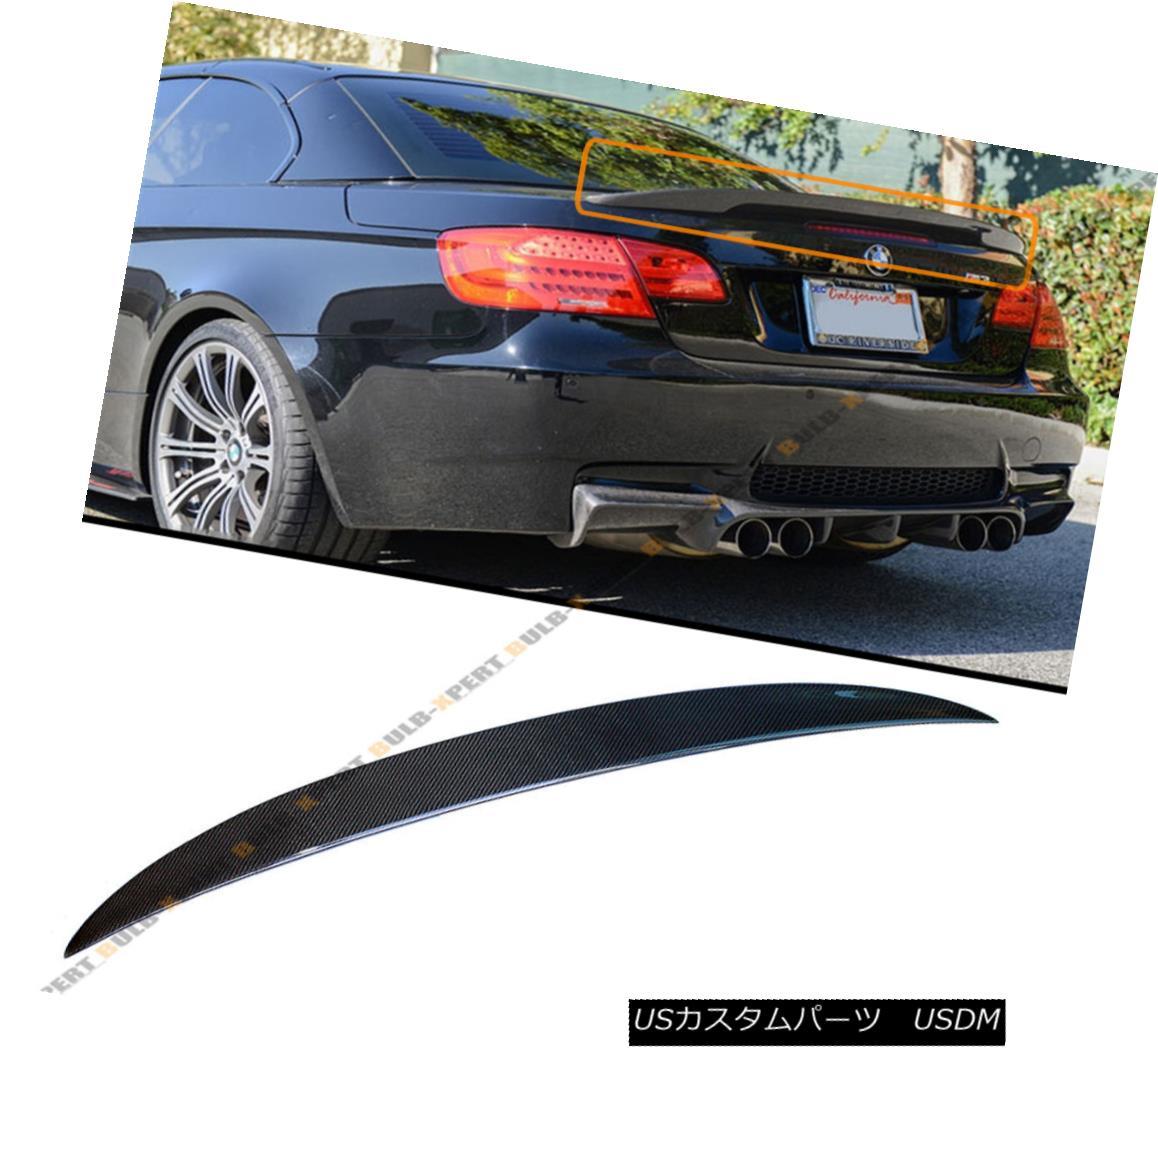 エアロパーツ FOR BMW E93 M3 2DOOR COUPE CONVERTIBLE HIGH KICK CARBON FIBER TRUNK SPOILER WING BMW E93 M3用ダブルロールカップルコンバチブルハイキックカーボンファイバートランクスポイラーウイング